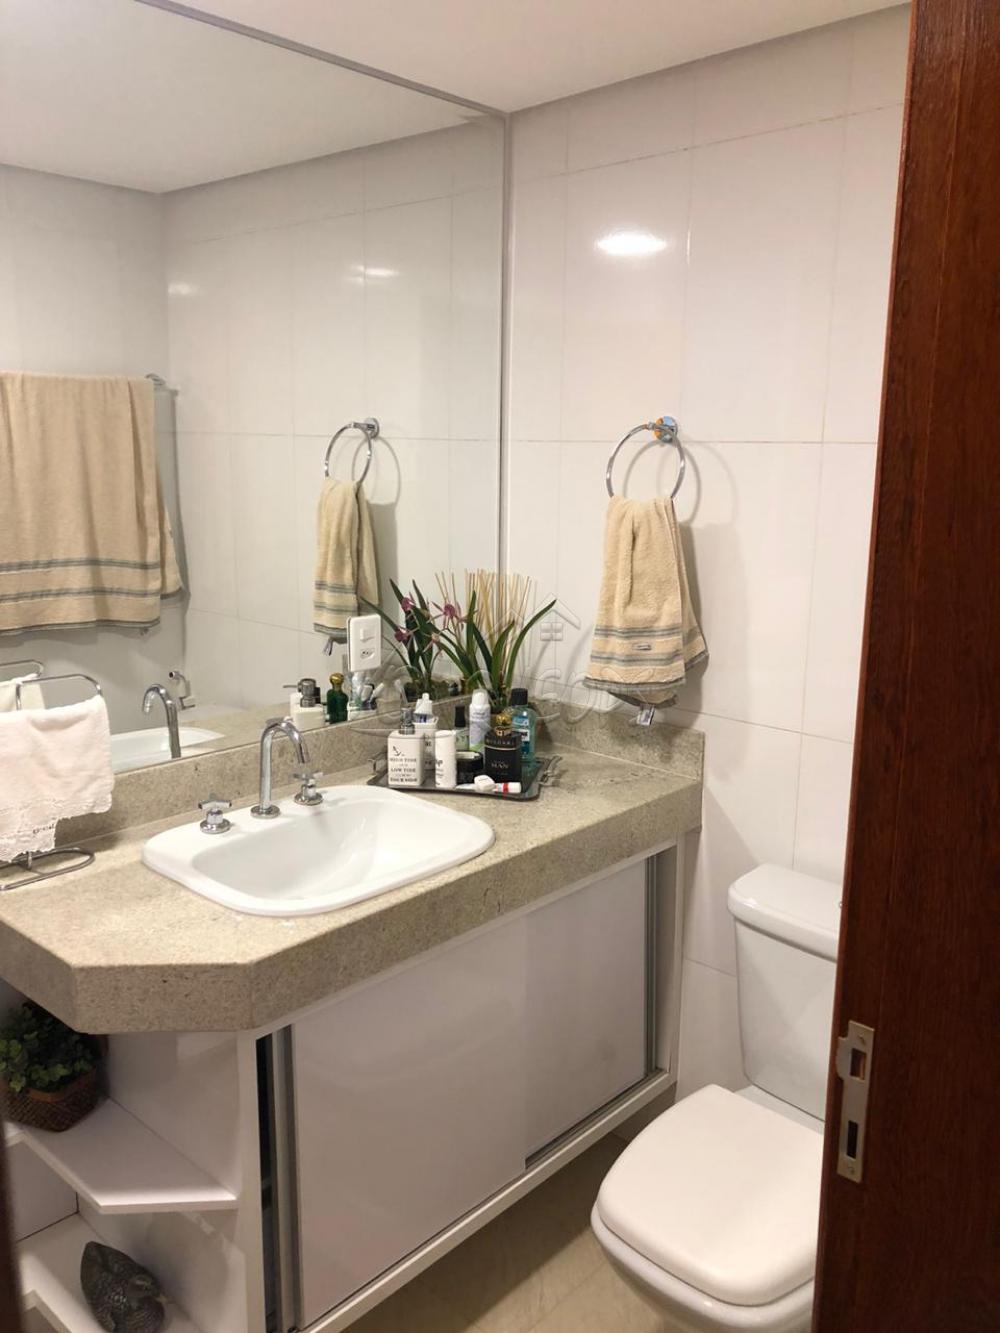 Comprar Apartamento / Padrão em Barretos apenas R$ 700.000,00 - Foto 25